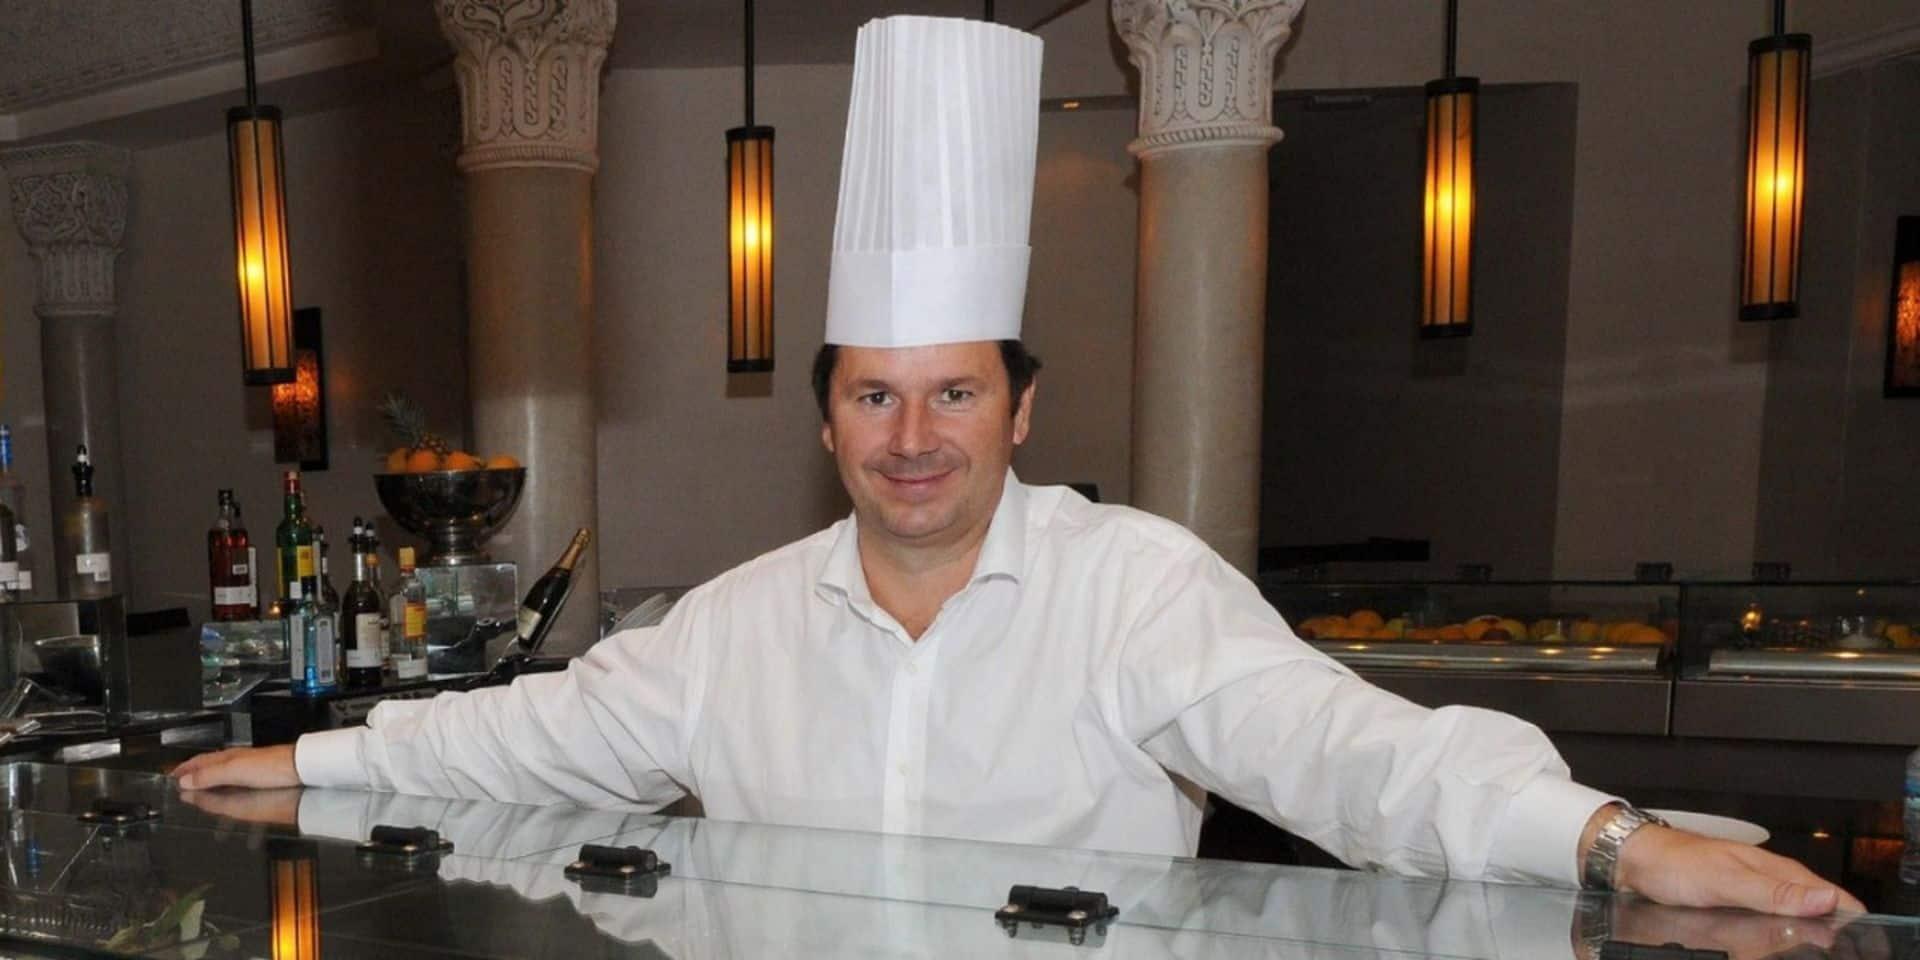 """Christophe Leroy s'explique après le dîner clandestin : """"Il n'y a rien de grave mais je n'aurais pas dû le faire"""""""